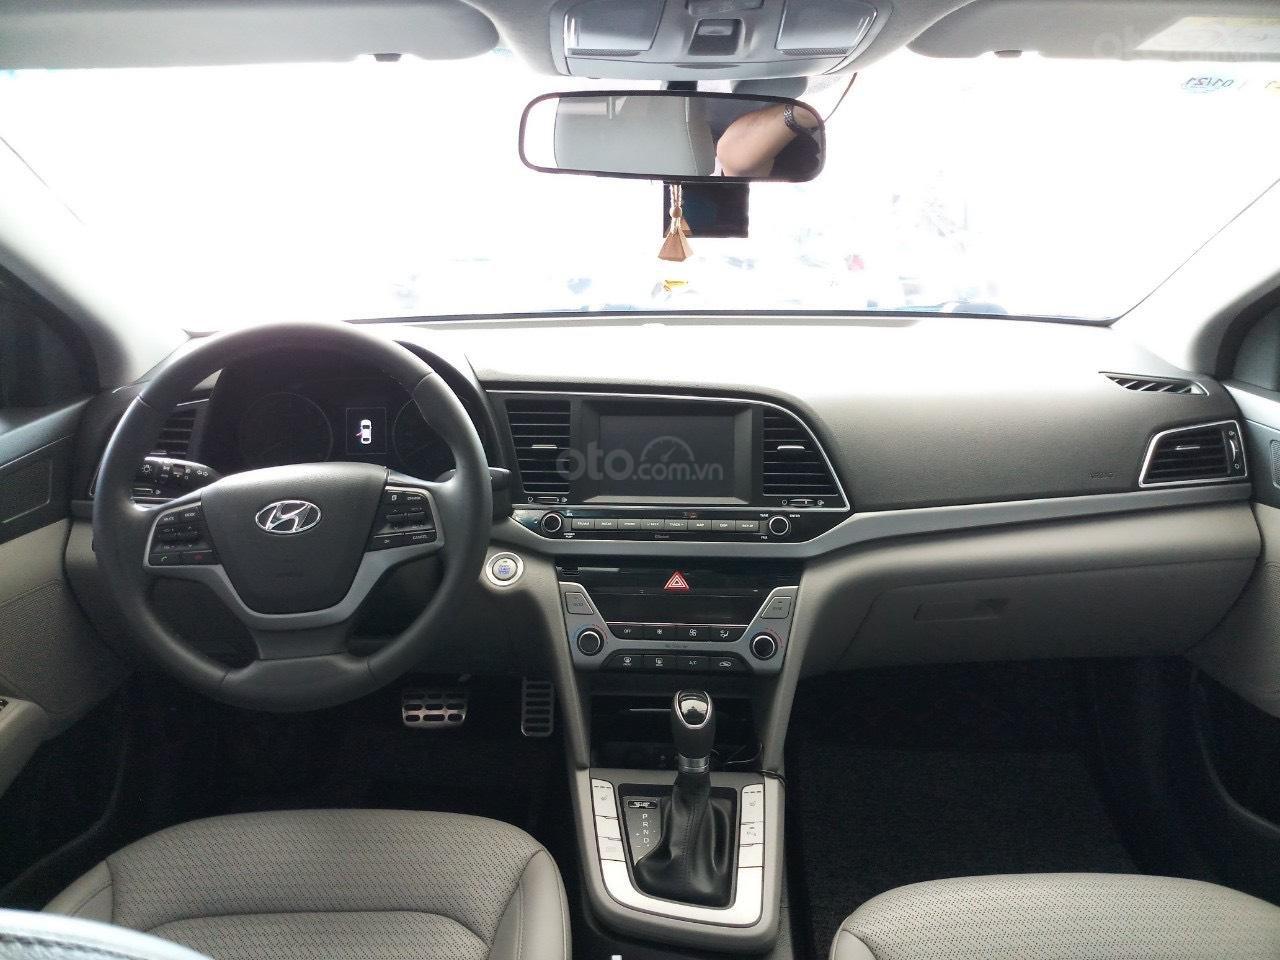 Cần bán Hyundai Elantra 2.0 AT vàng cát 2017 đẹp nguyên bản như mới (6)